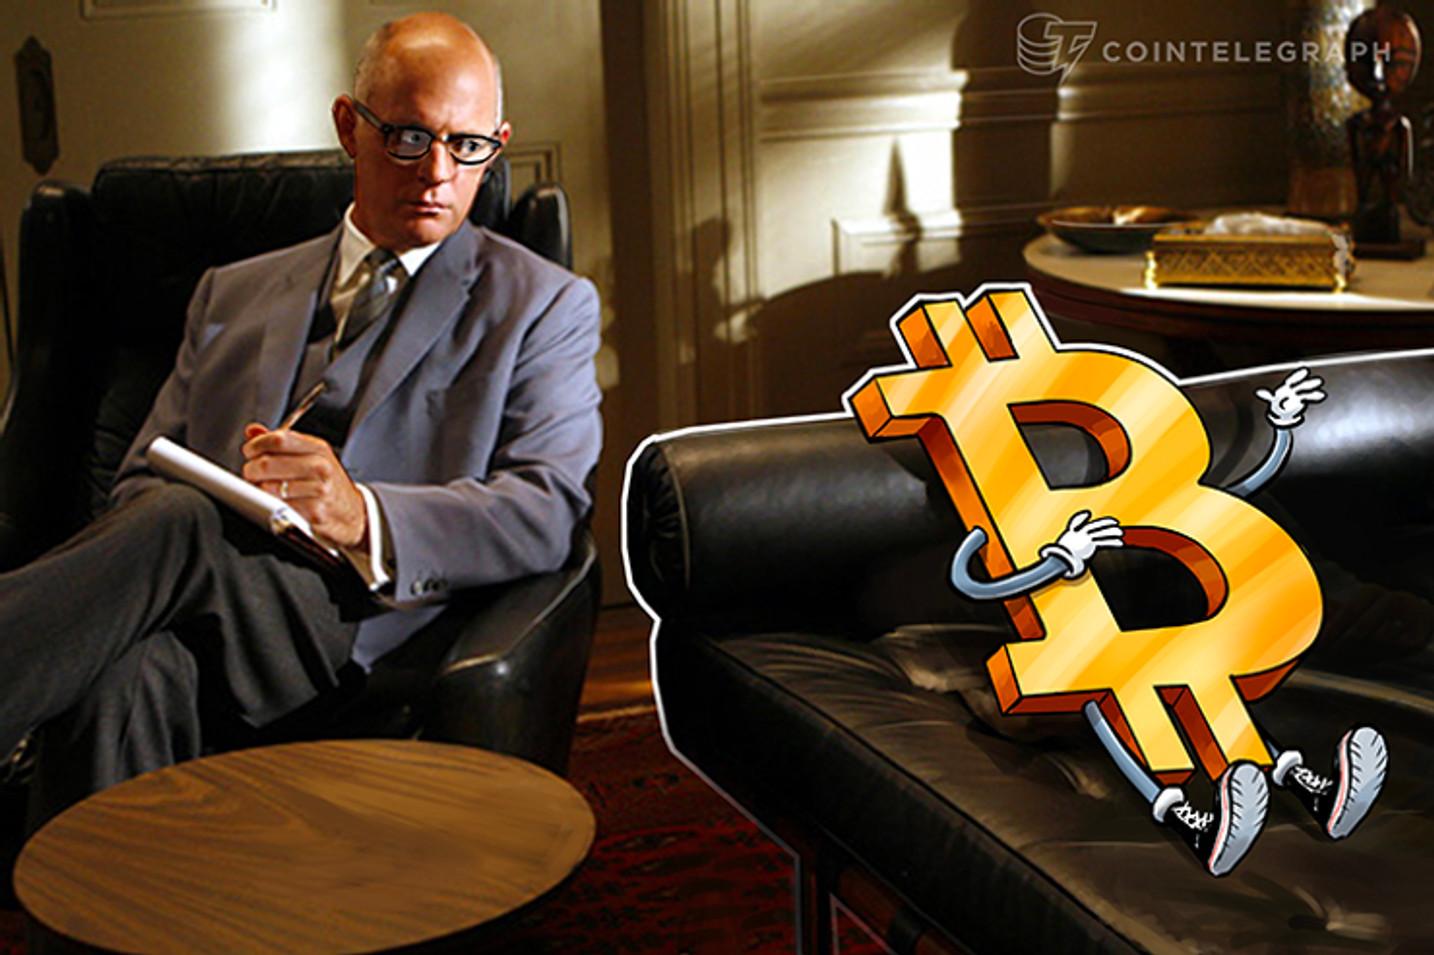 'Eu vejo no Bitcoin uma possibilidade de renascer o comercio global sem o estado', diz o anarcocapitalista Paulo Kogos